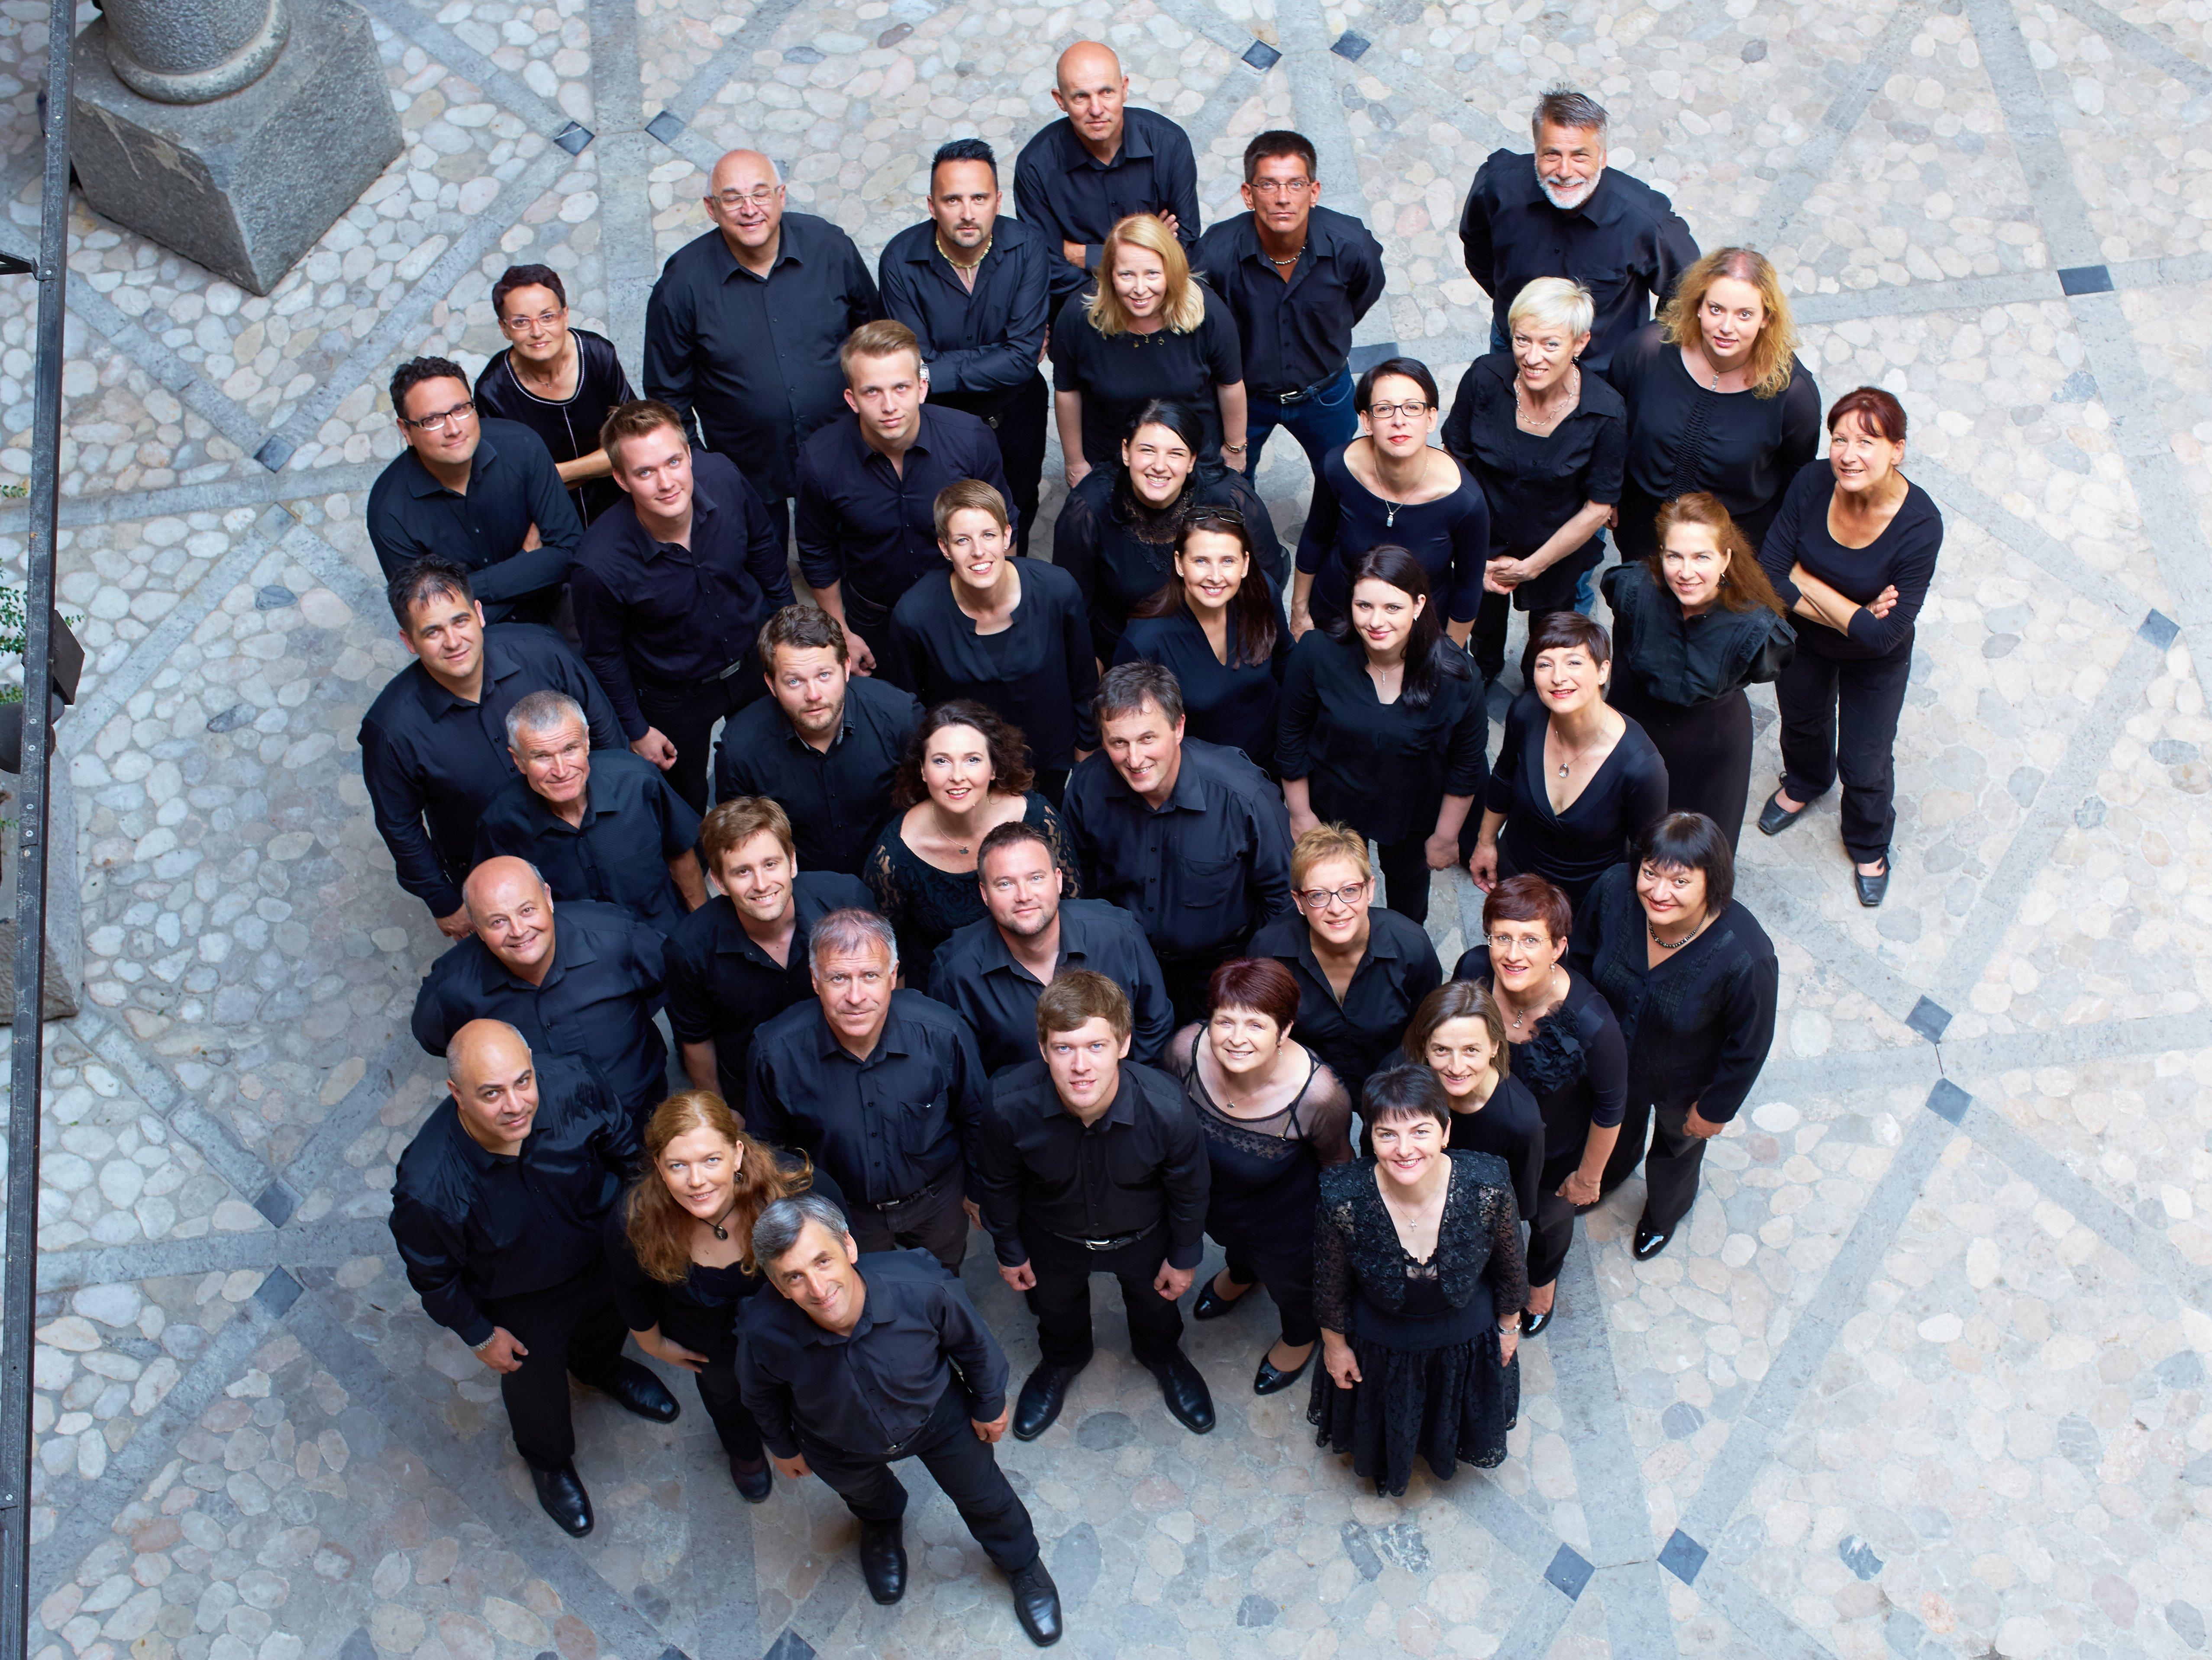 Zbor Slovenske filharmonije_foto Janez Kotar